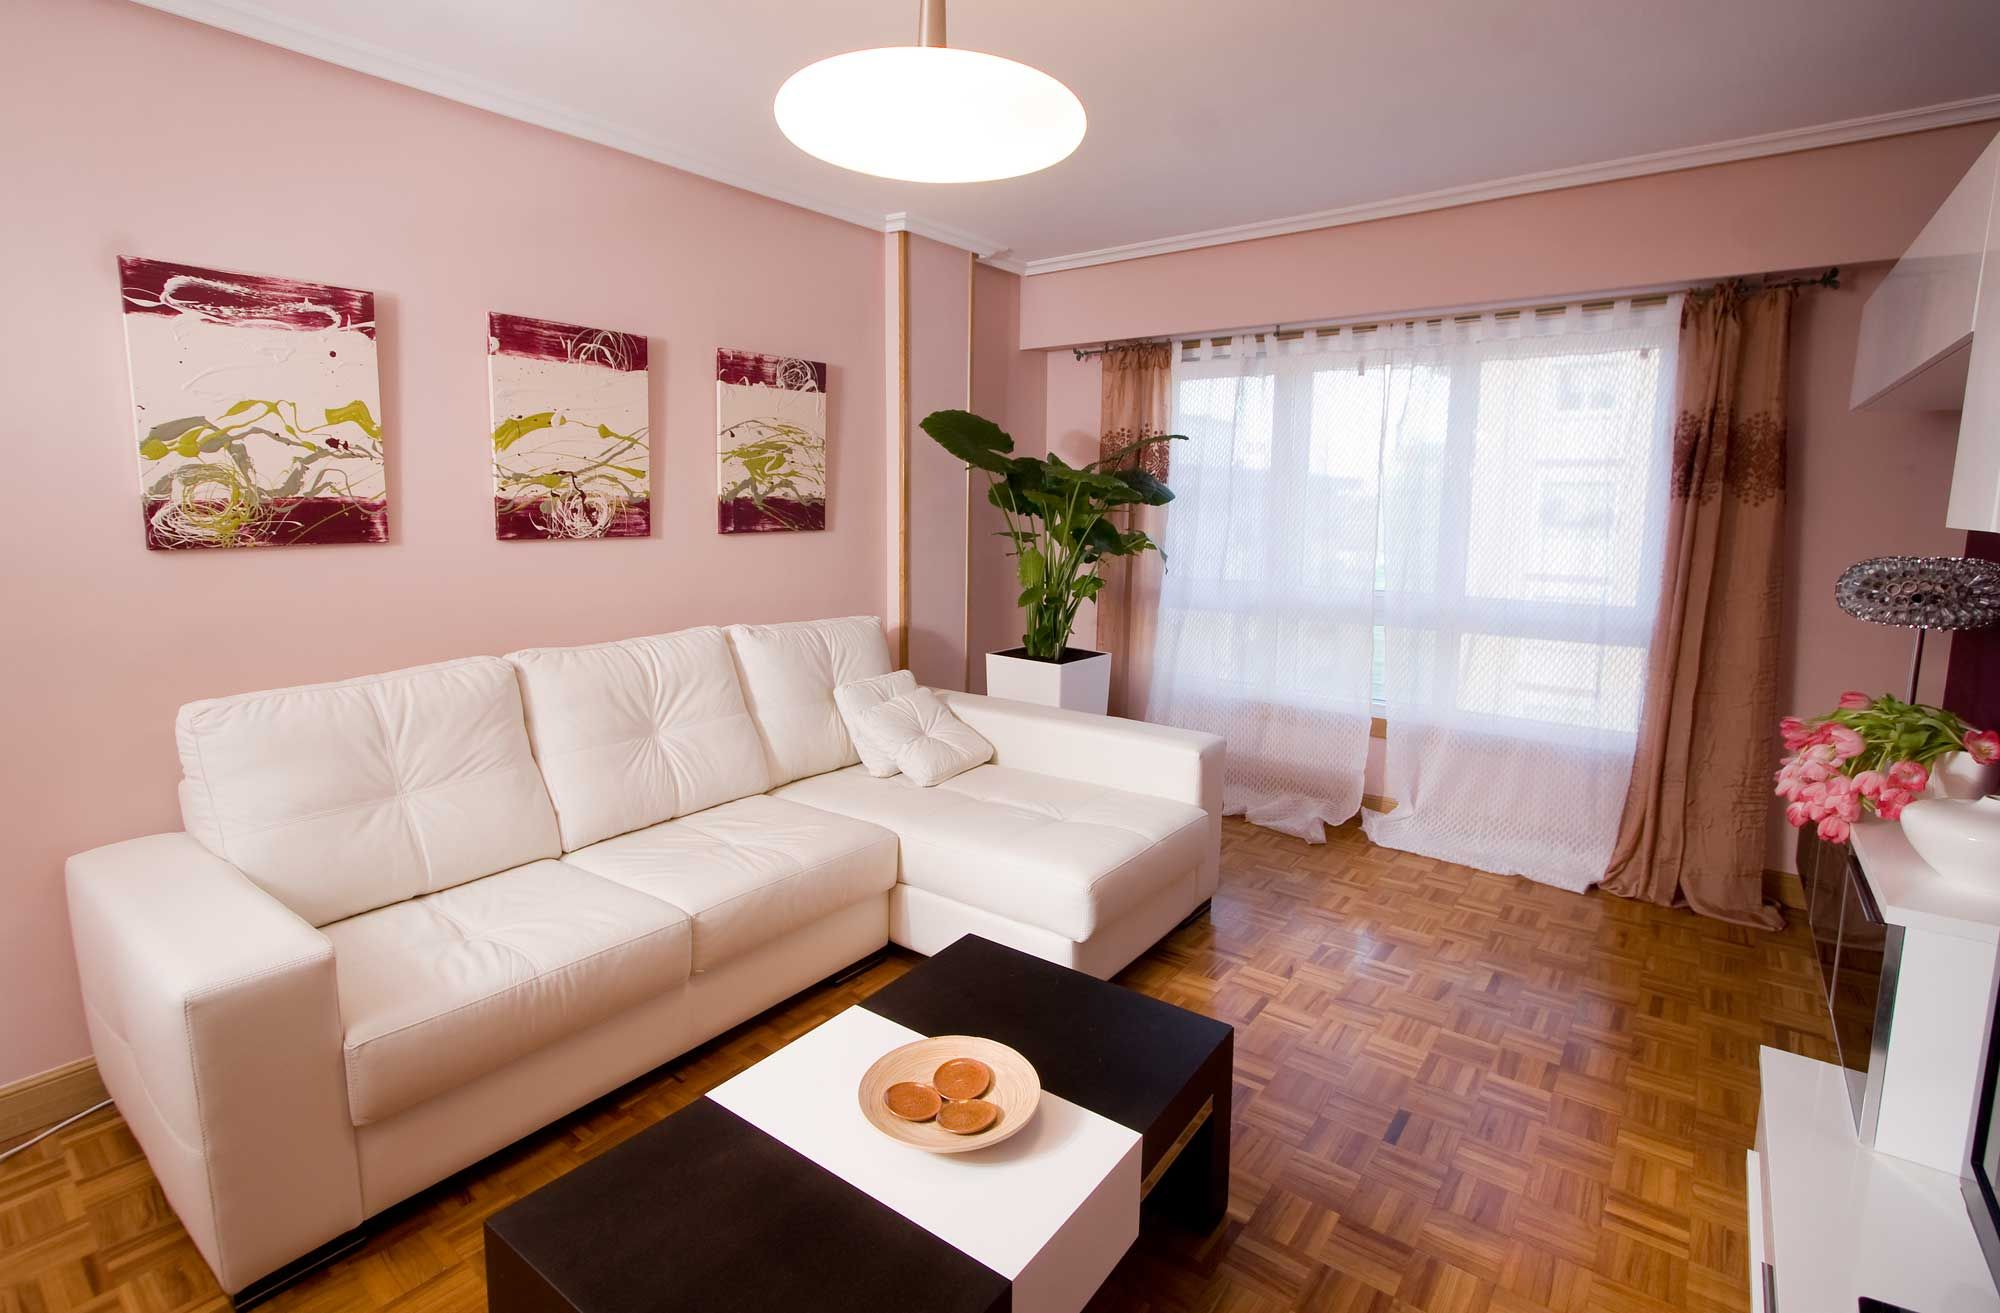 Decoraci n en color rosa hogarmania for Colores para decorar un salon